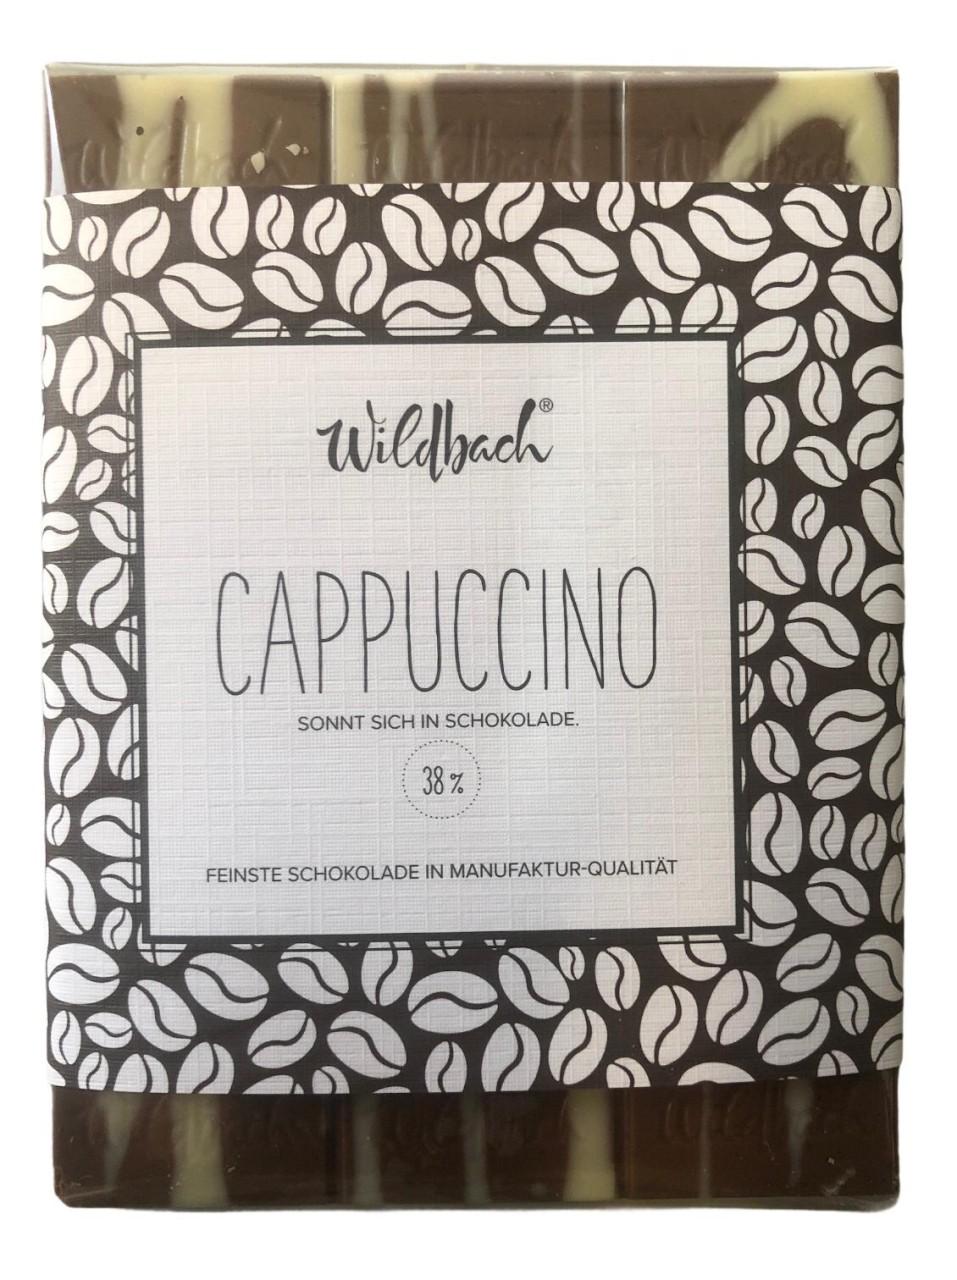 Wildbach Cappuccino 38% 70g